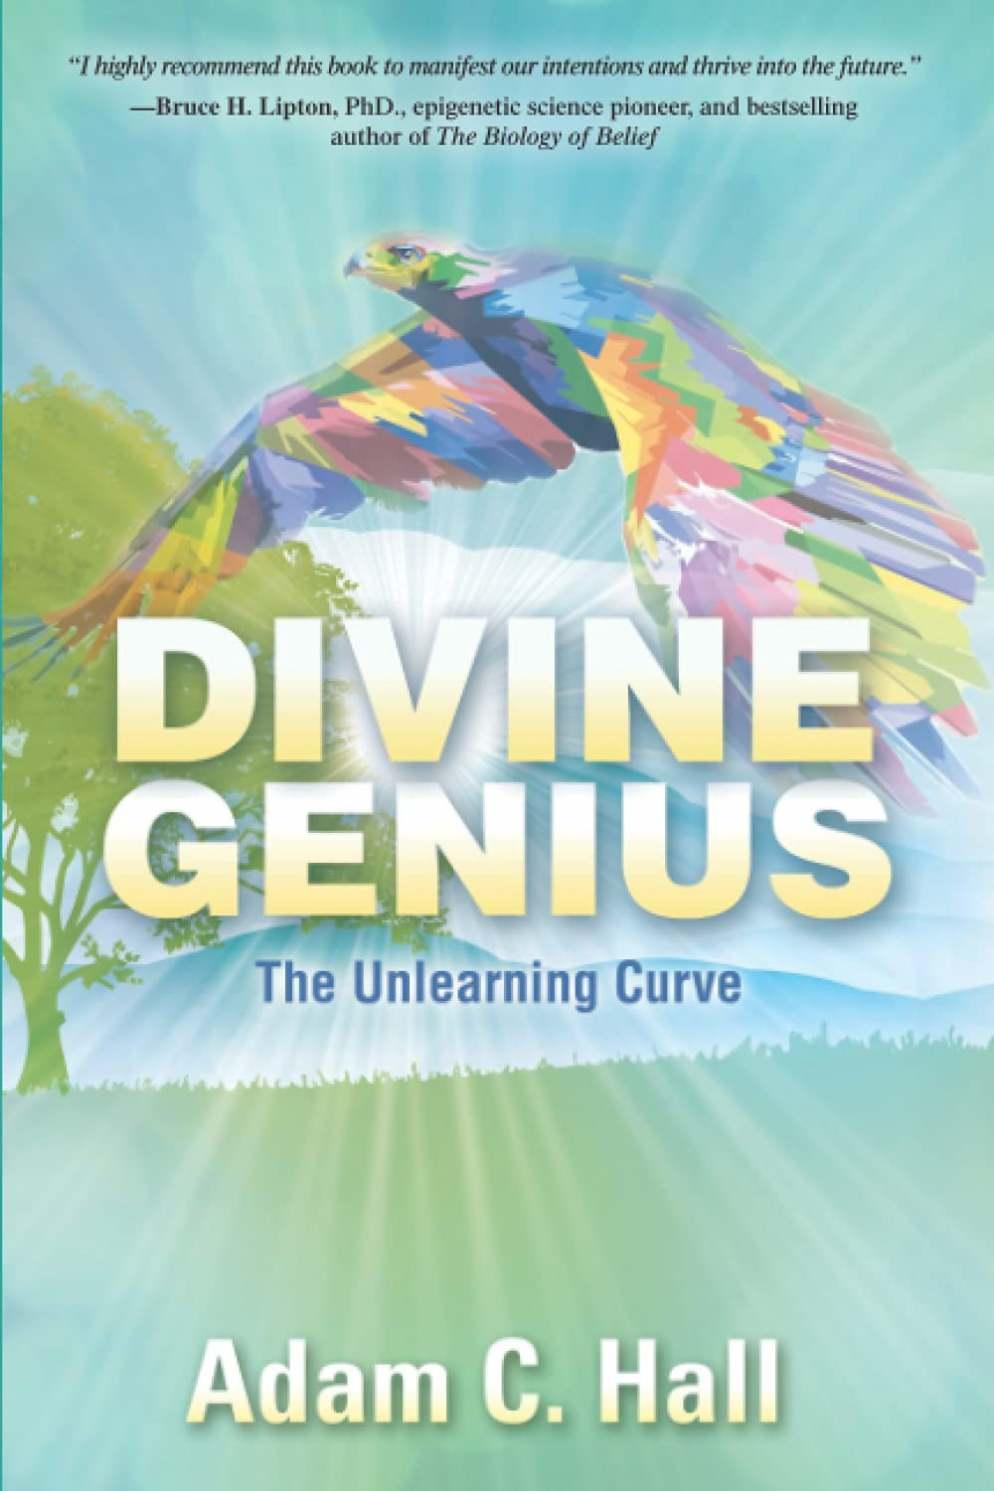 Divine Genius